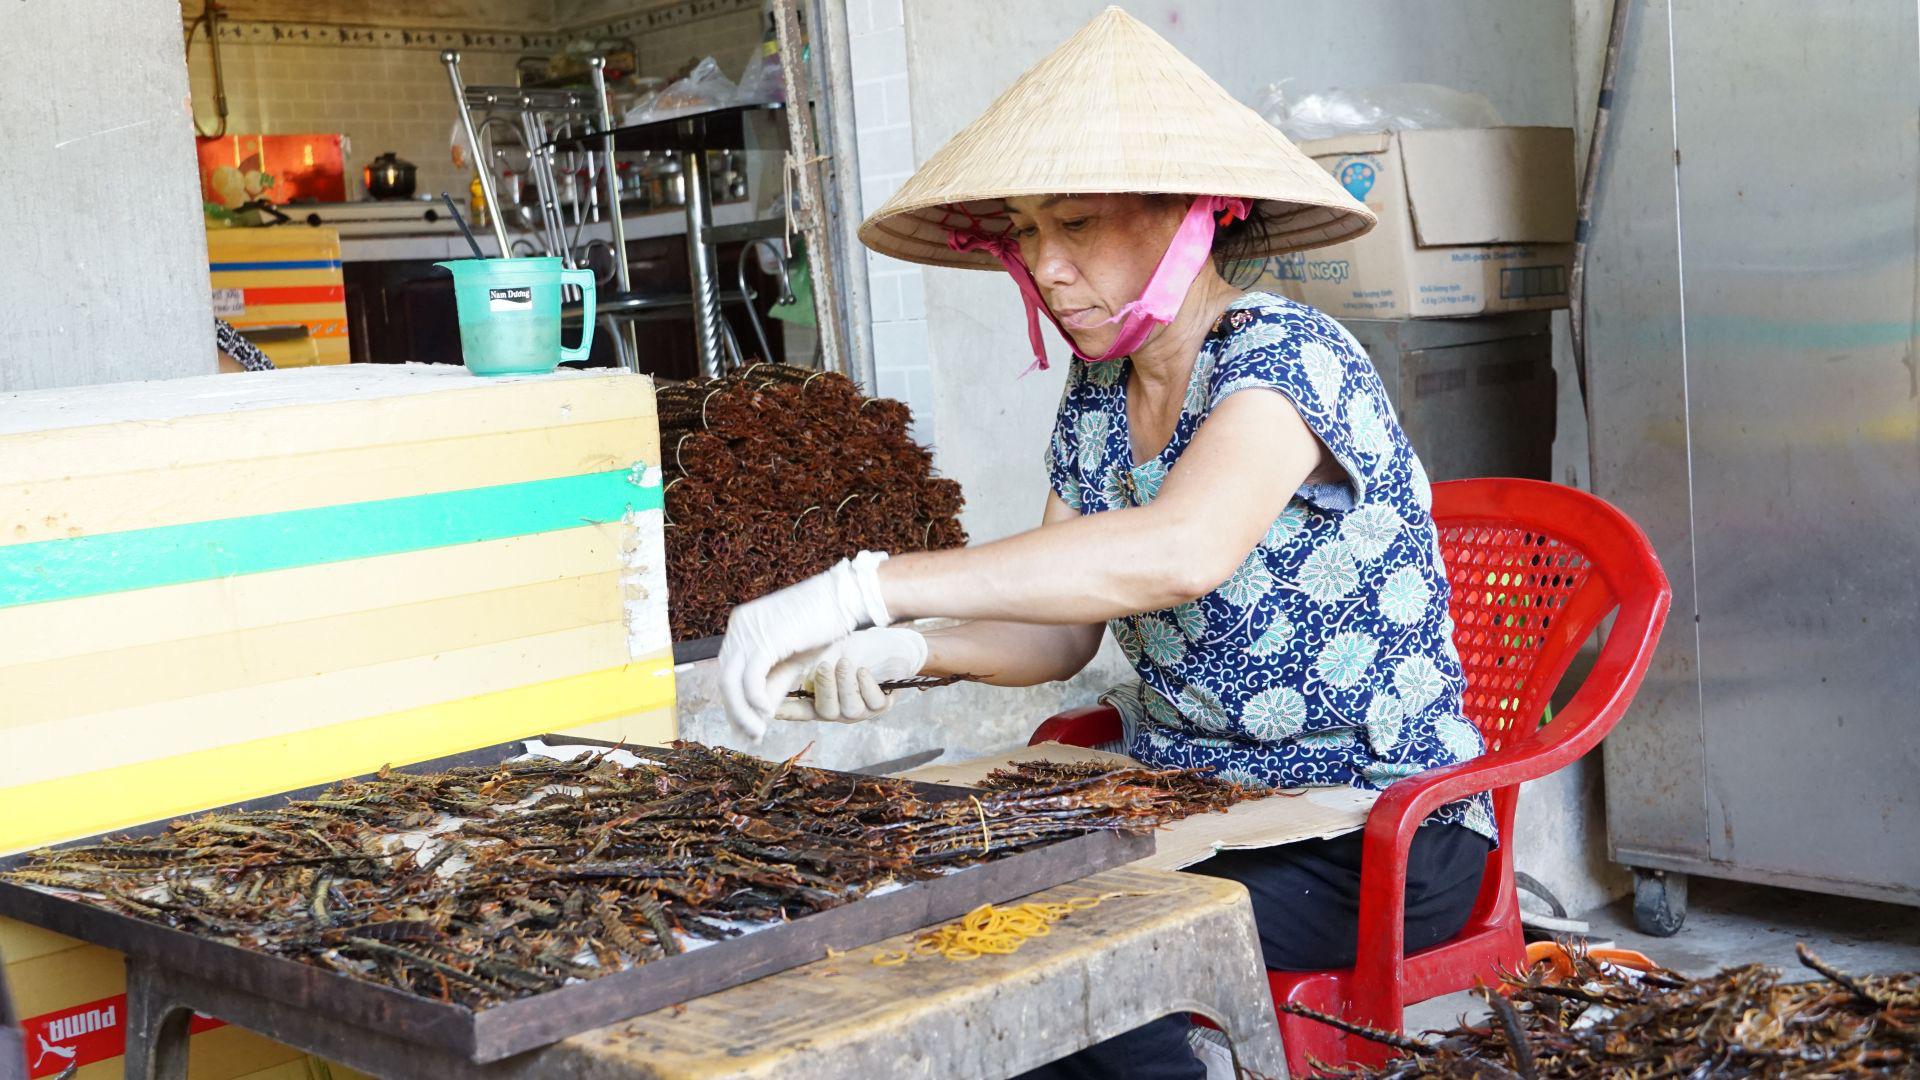 Tây Ninh: Nuôi rết độc, nghe tên nhiều người đã nổi da gà vậy mà nông dân ở đây bán 1kg giá 1,2 triệu - Ảnh 2.